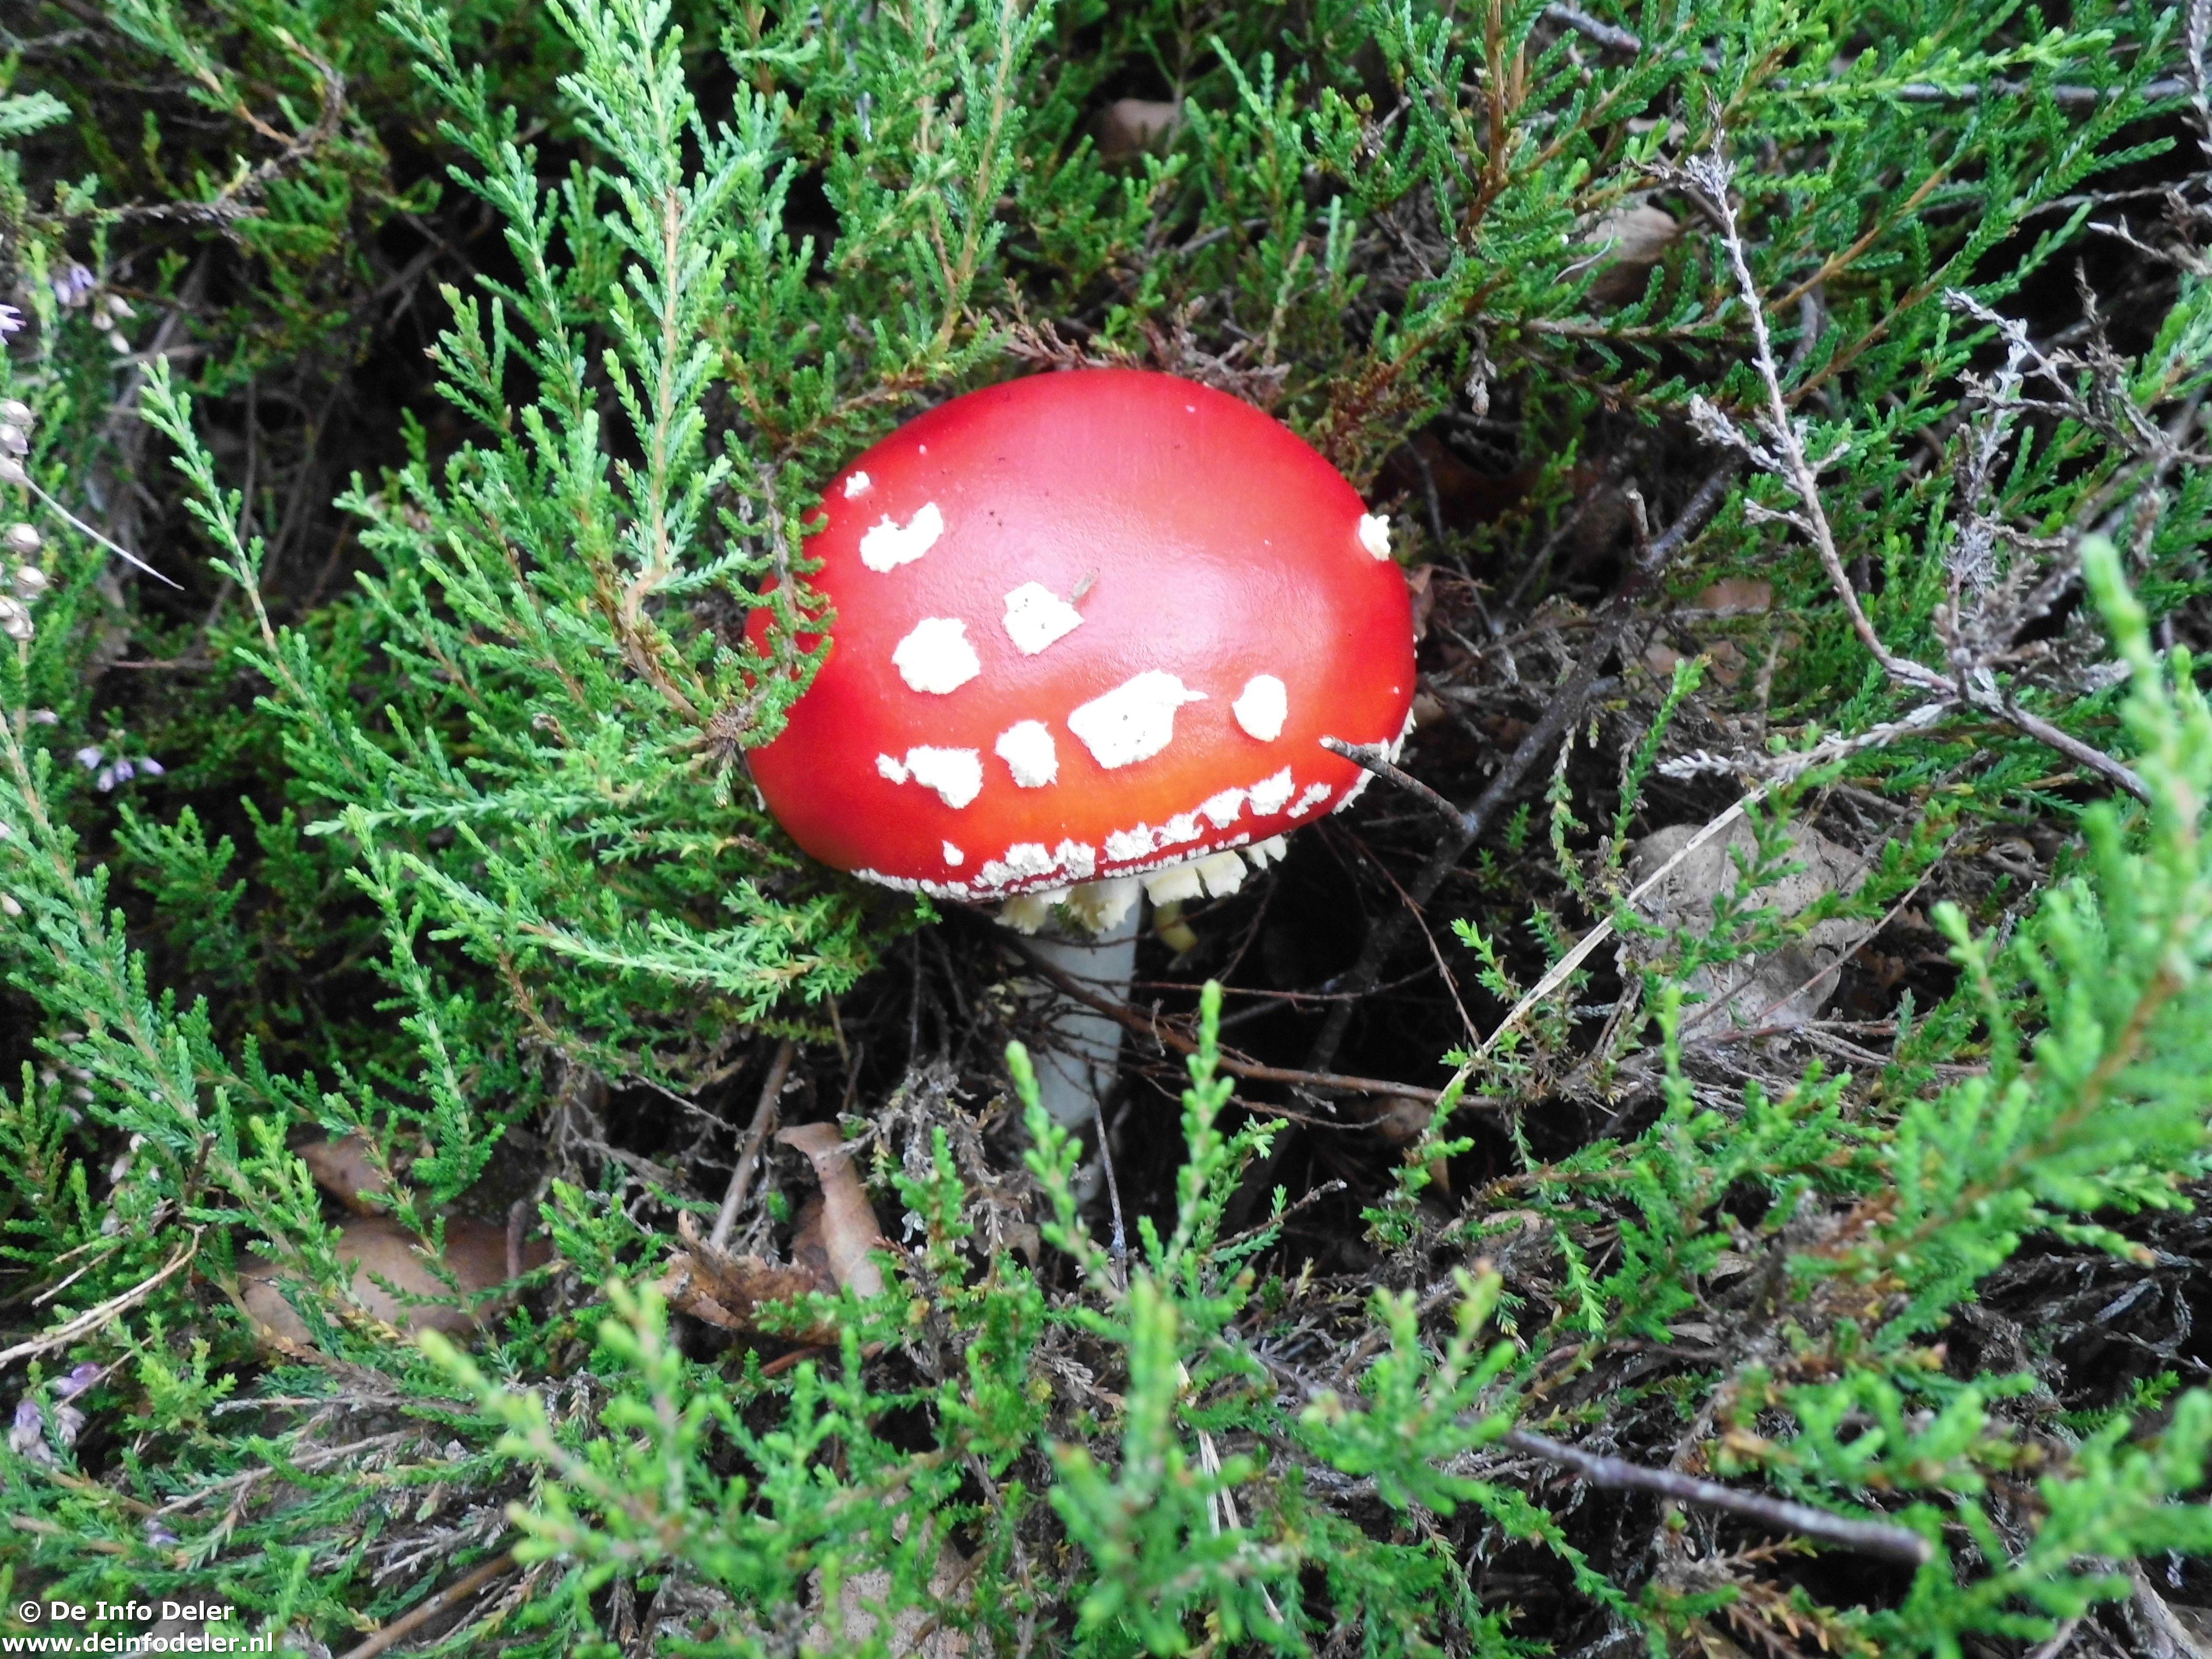 Echt niet eetbaar hoor die Vliegenzwam, maar wel mooi! Kijk ook eens naar het artikel over 'Eetbare paddenstoelen' op: http://www.deinfodeler.nl/news/waar-vind-je-informatie-over-eetbare-paddenstoelen/ #paddenstoelen #natuur #buiten